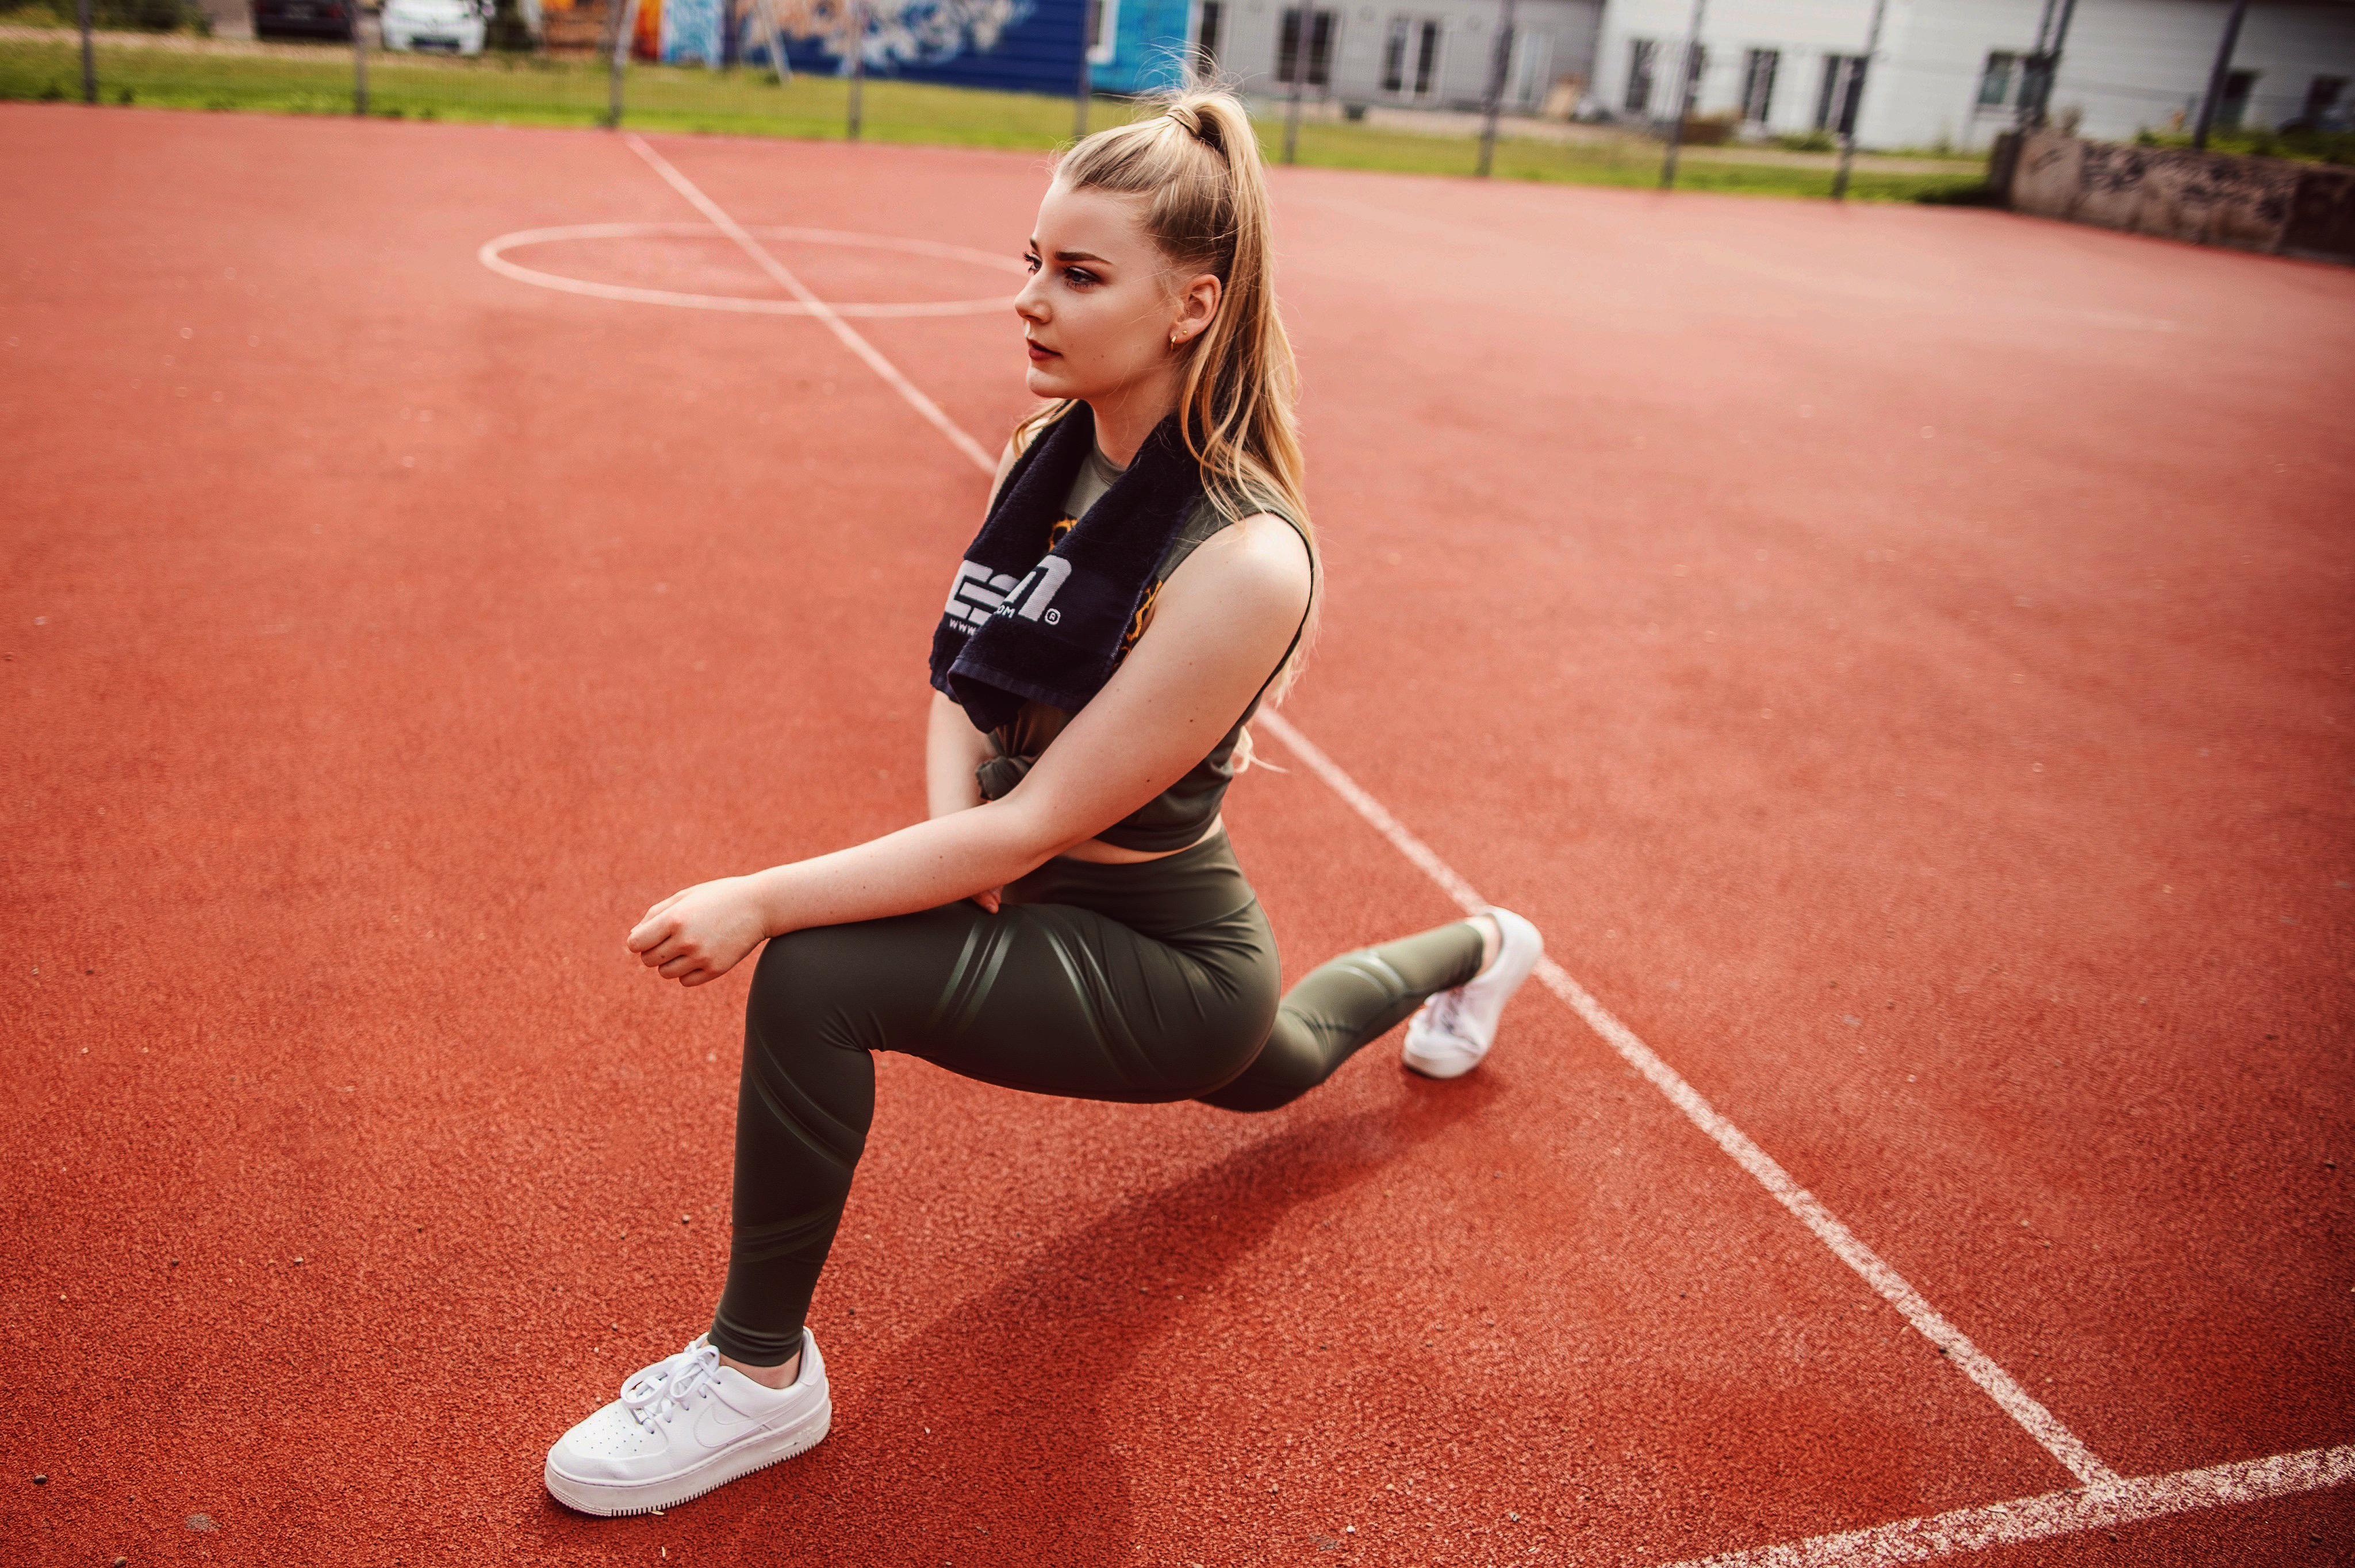 benita zeigt eine dehnpose für die beine auf einem sportplatz in bielefeld